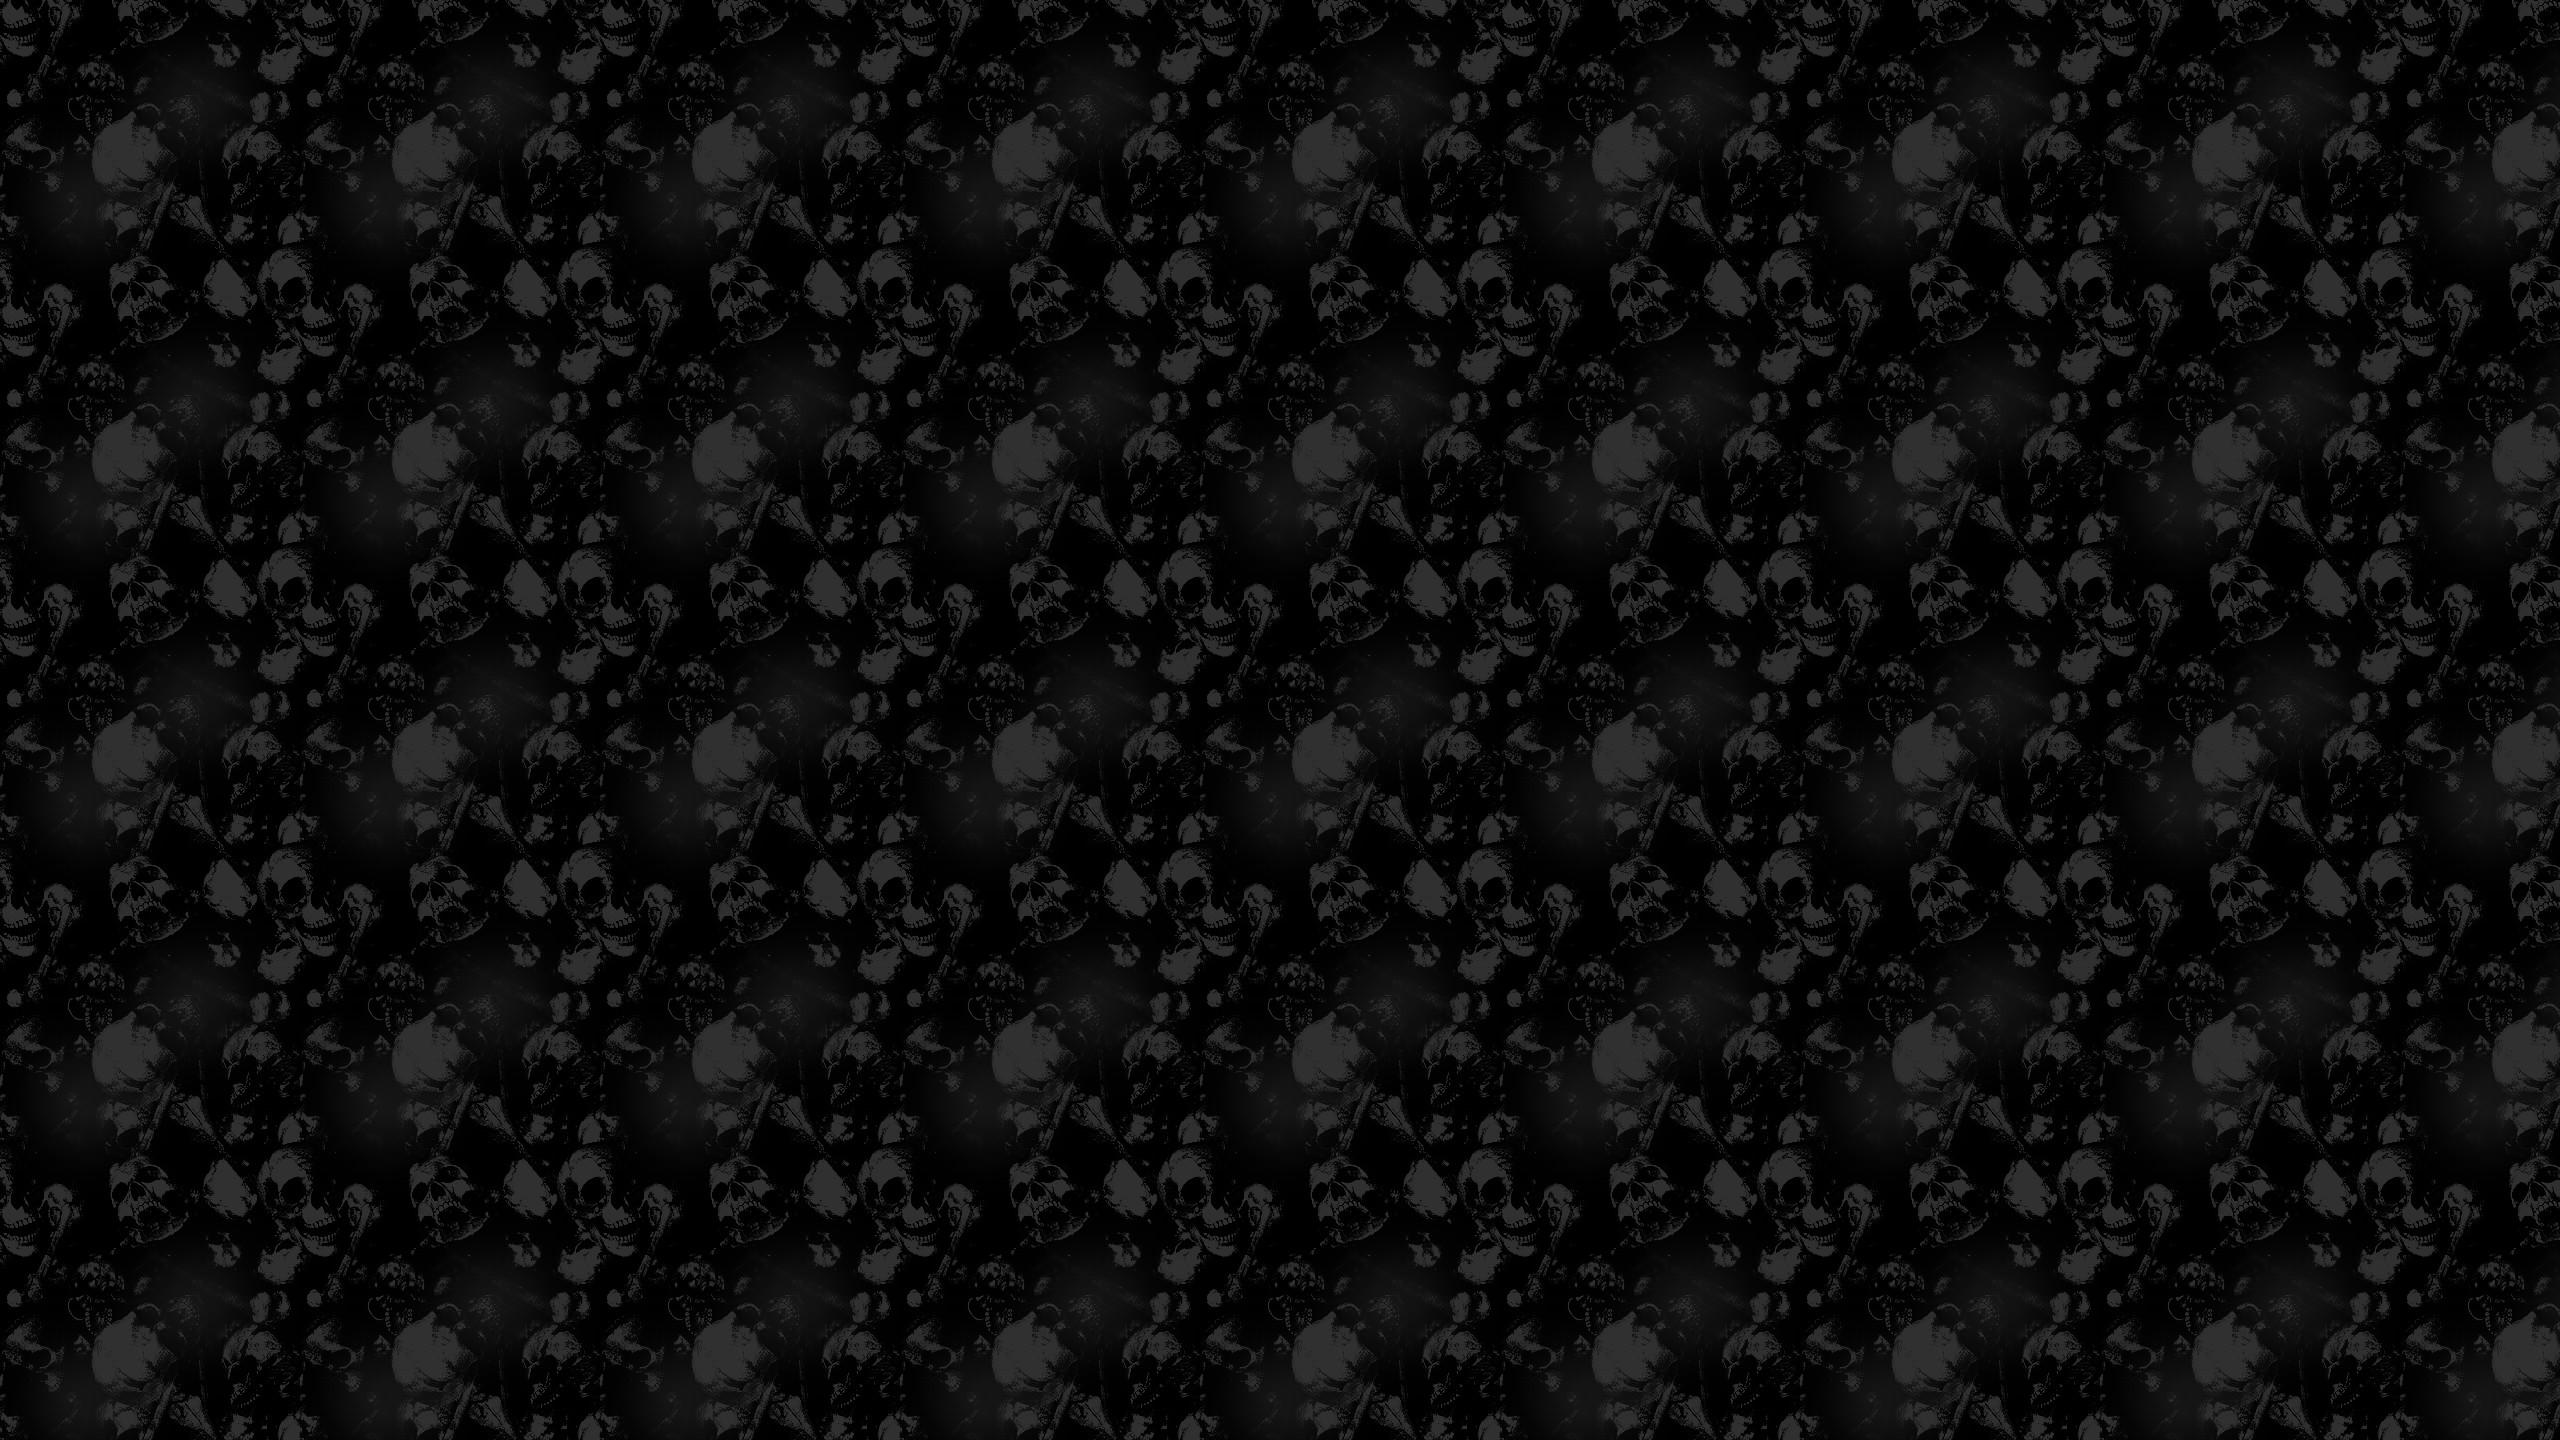 Skulls Desktop Wallpaper